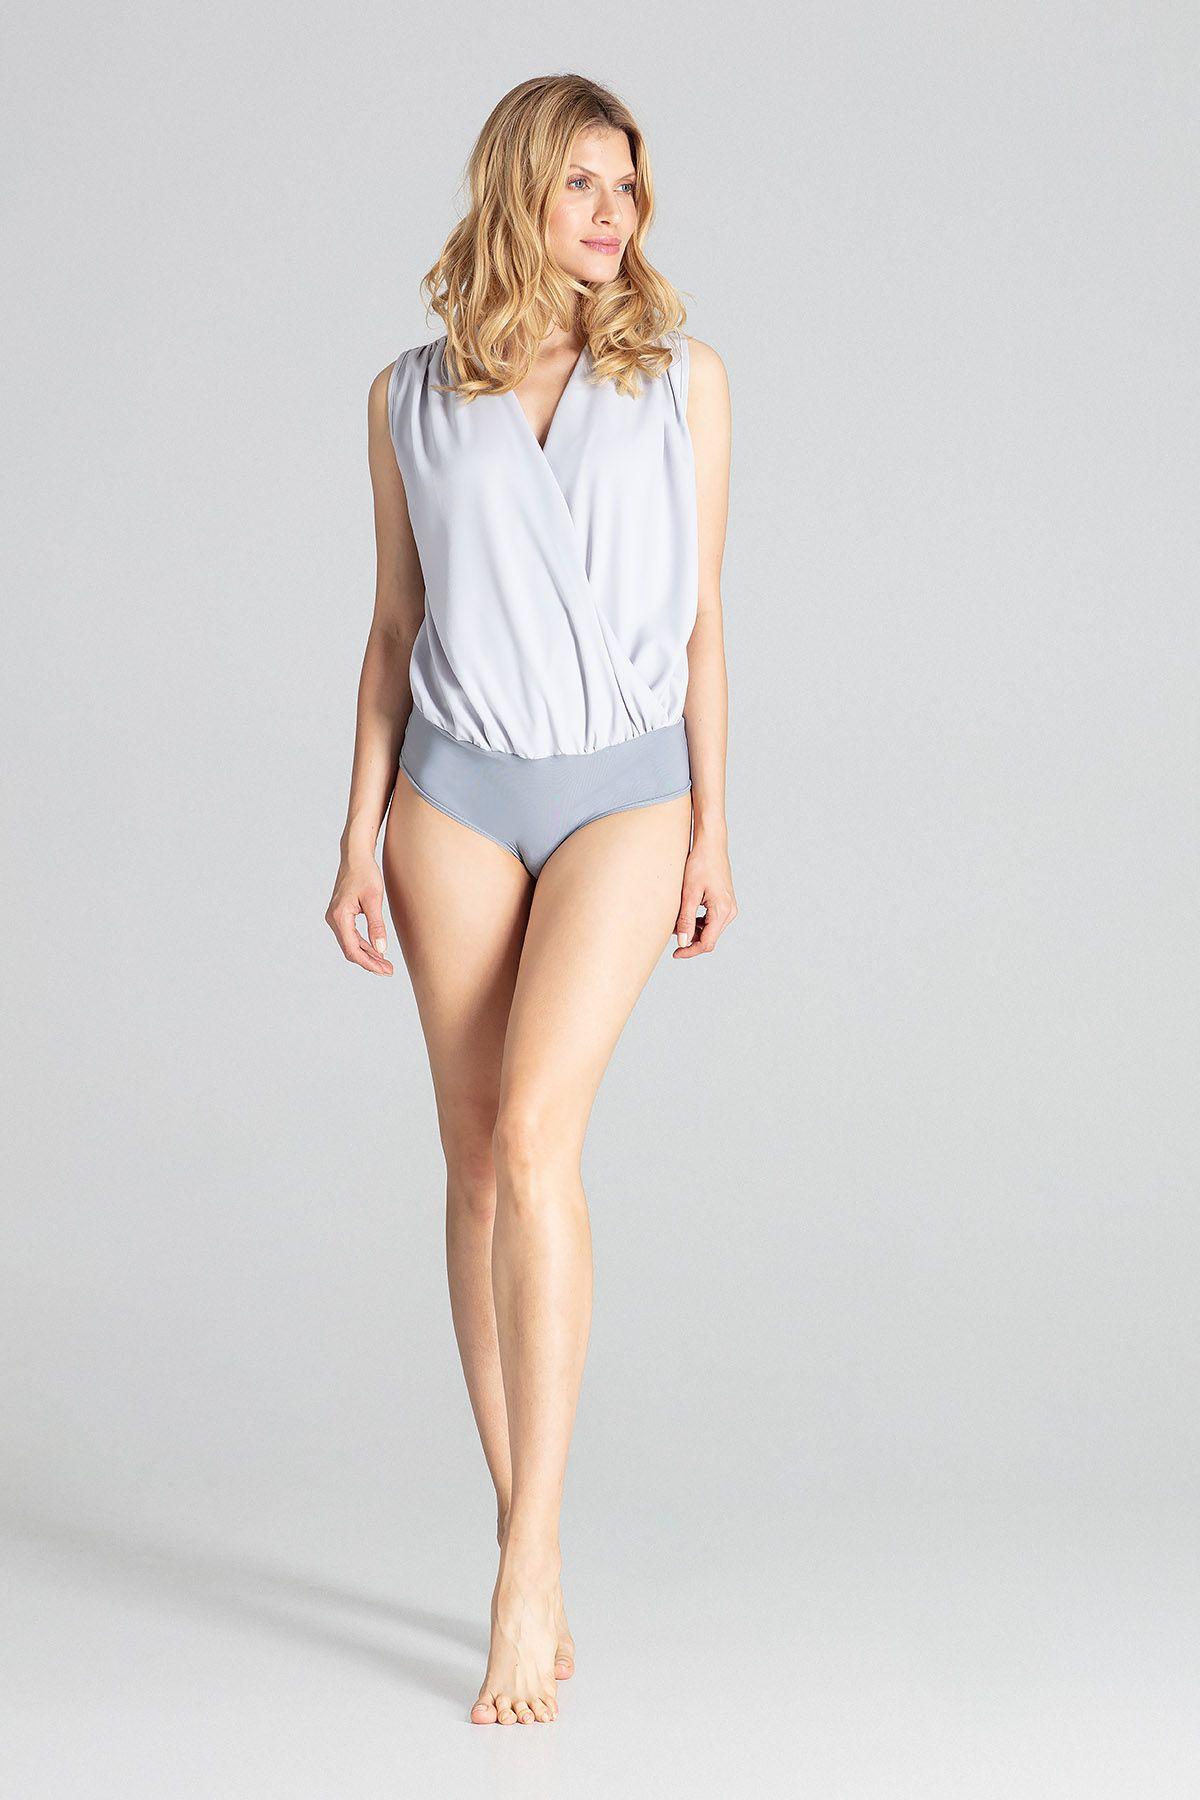 Grey Elegant Body